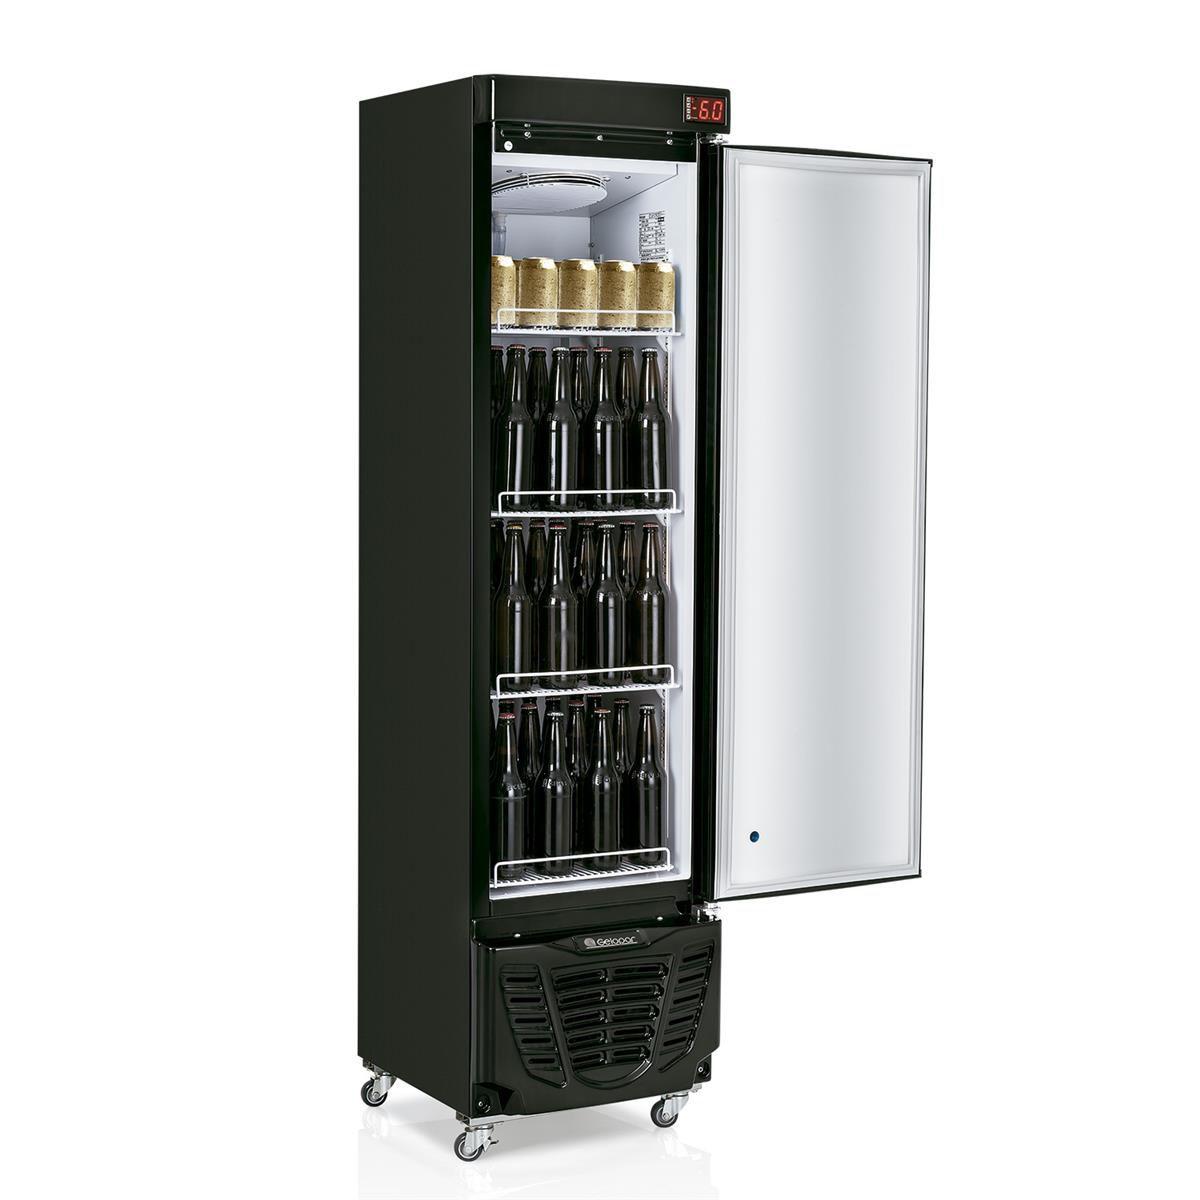 Cervejeira Gelopar Vertical 230 Litros 1 Porta Inox GRBA-230E 220V